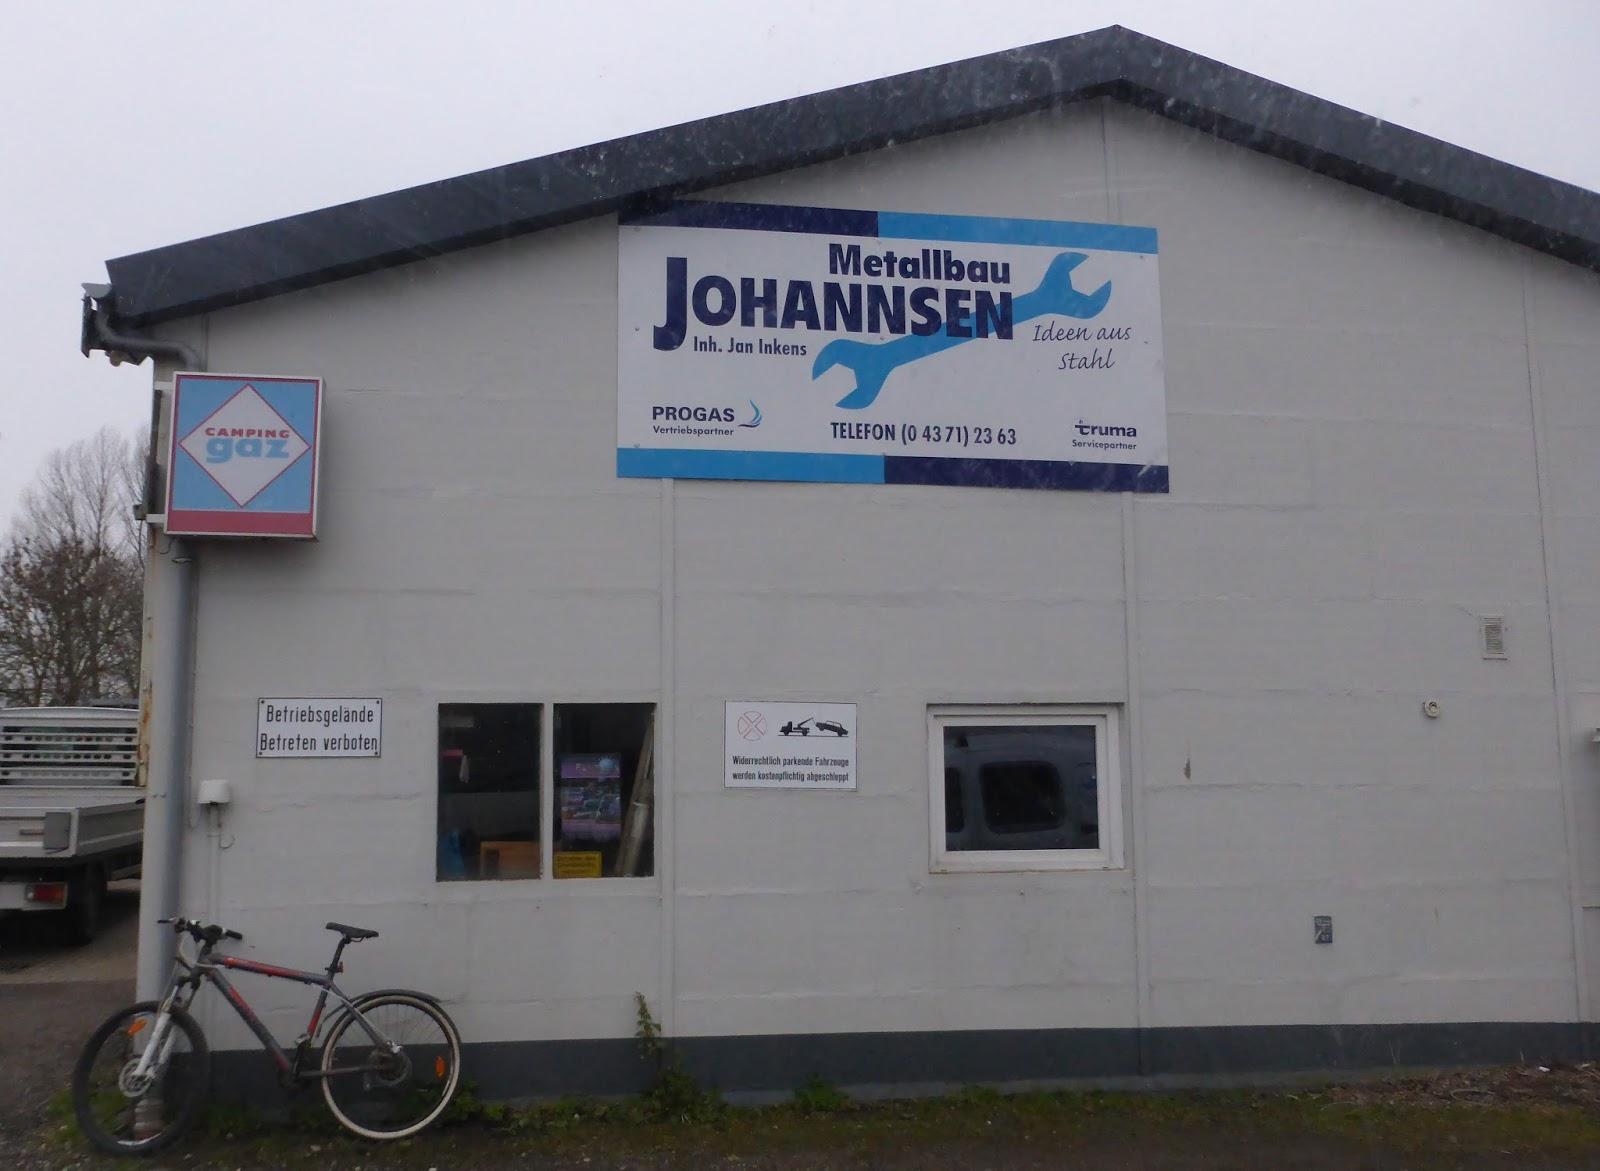 JoY tillsammans: Till Sverige......